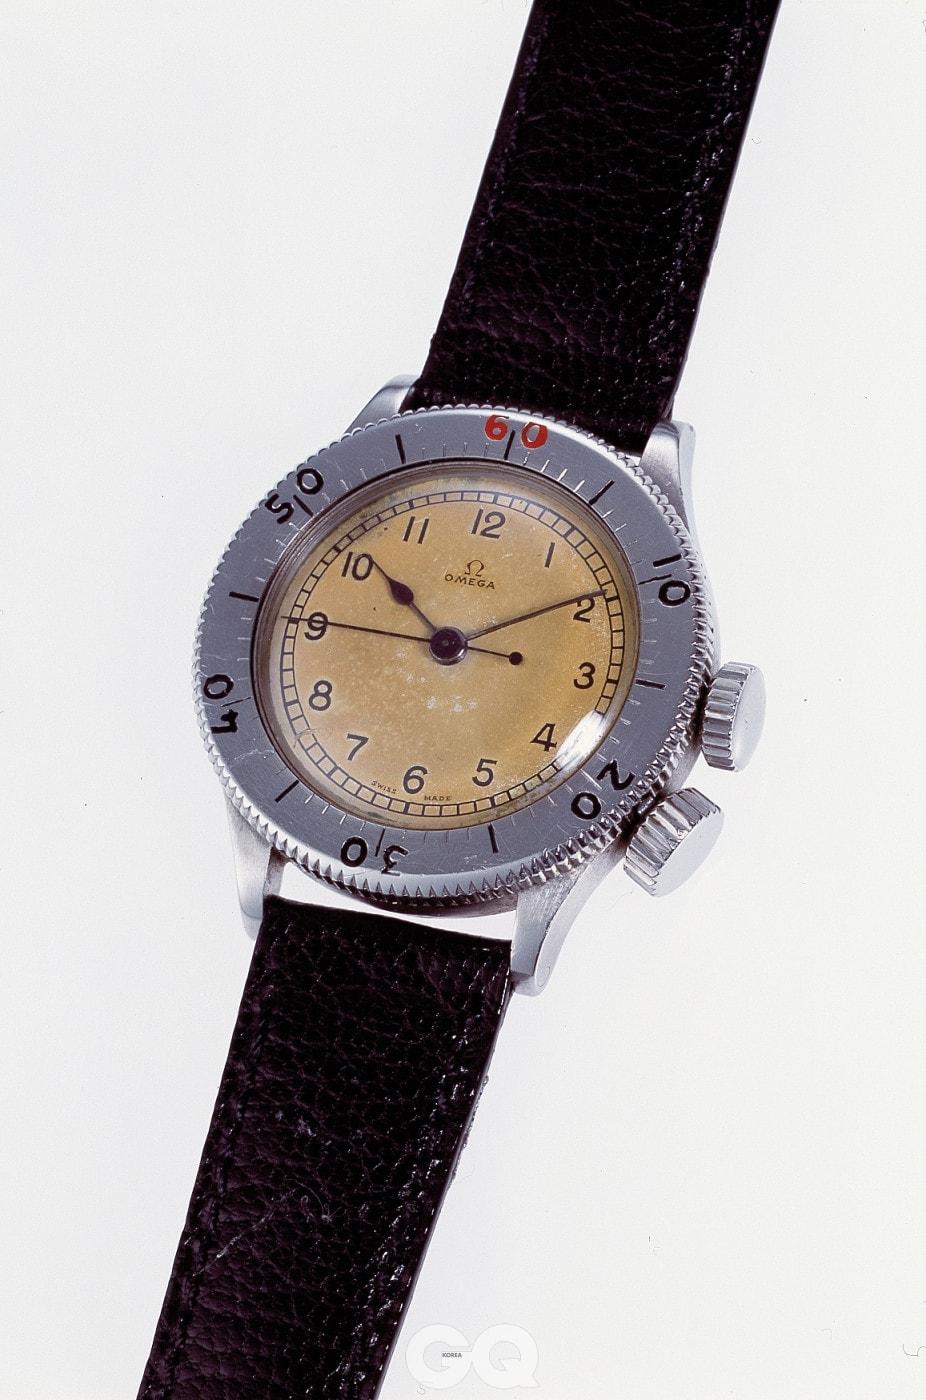 시계 케이스 측면 4시 방향에 달린 크라운은 베젤 잠금장치다.